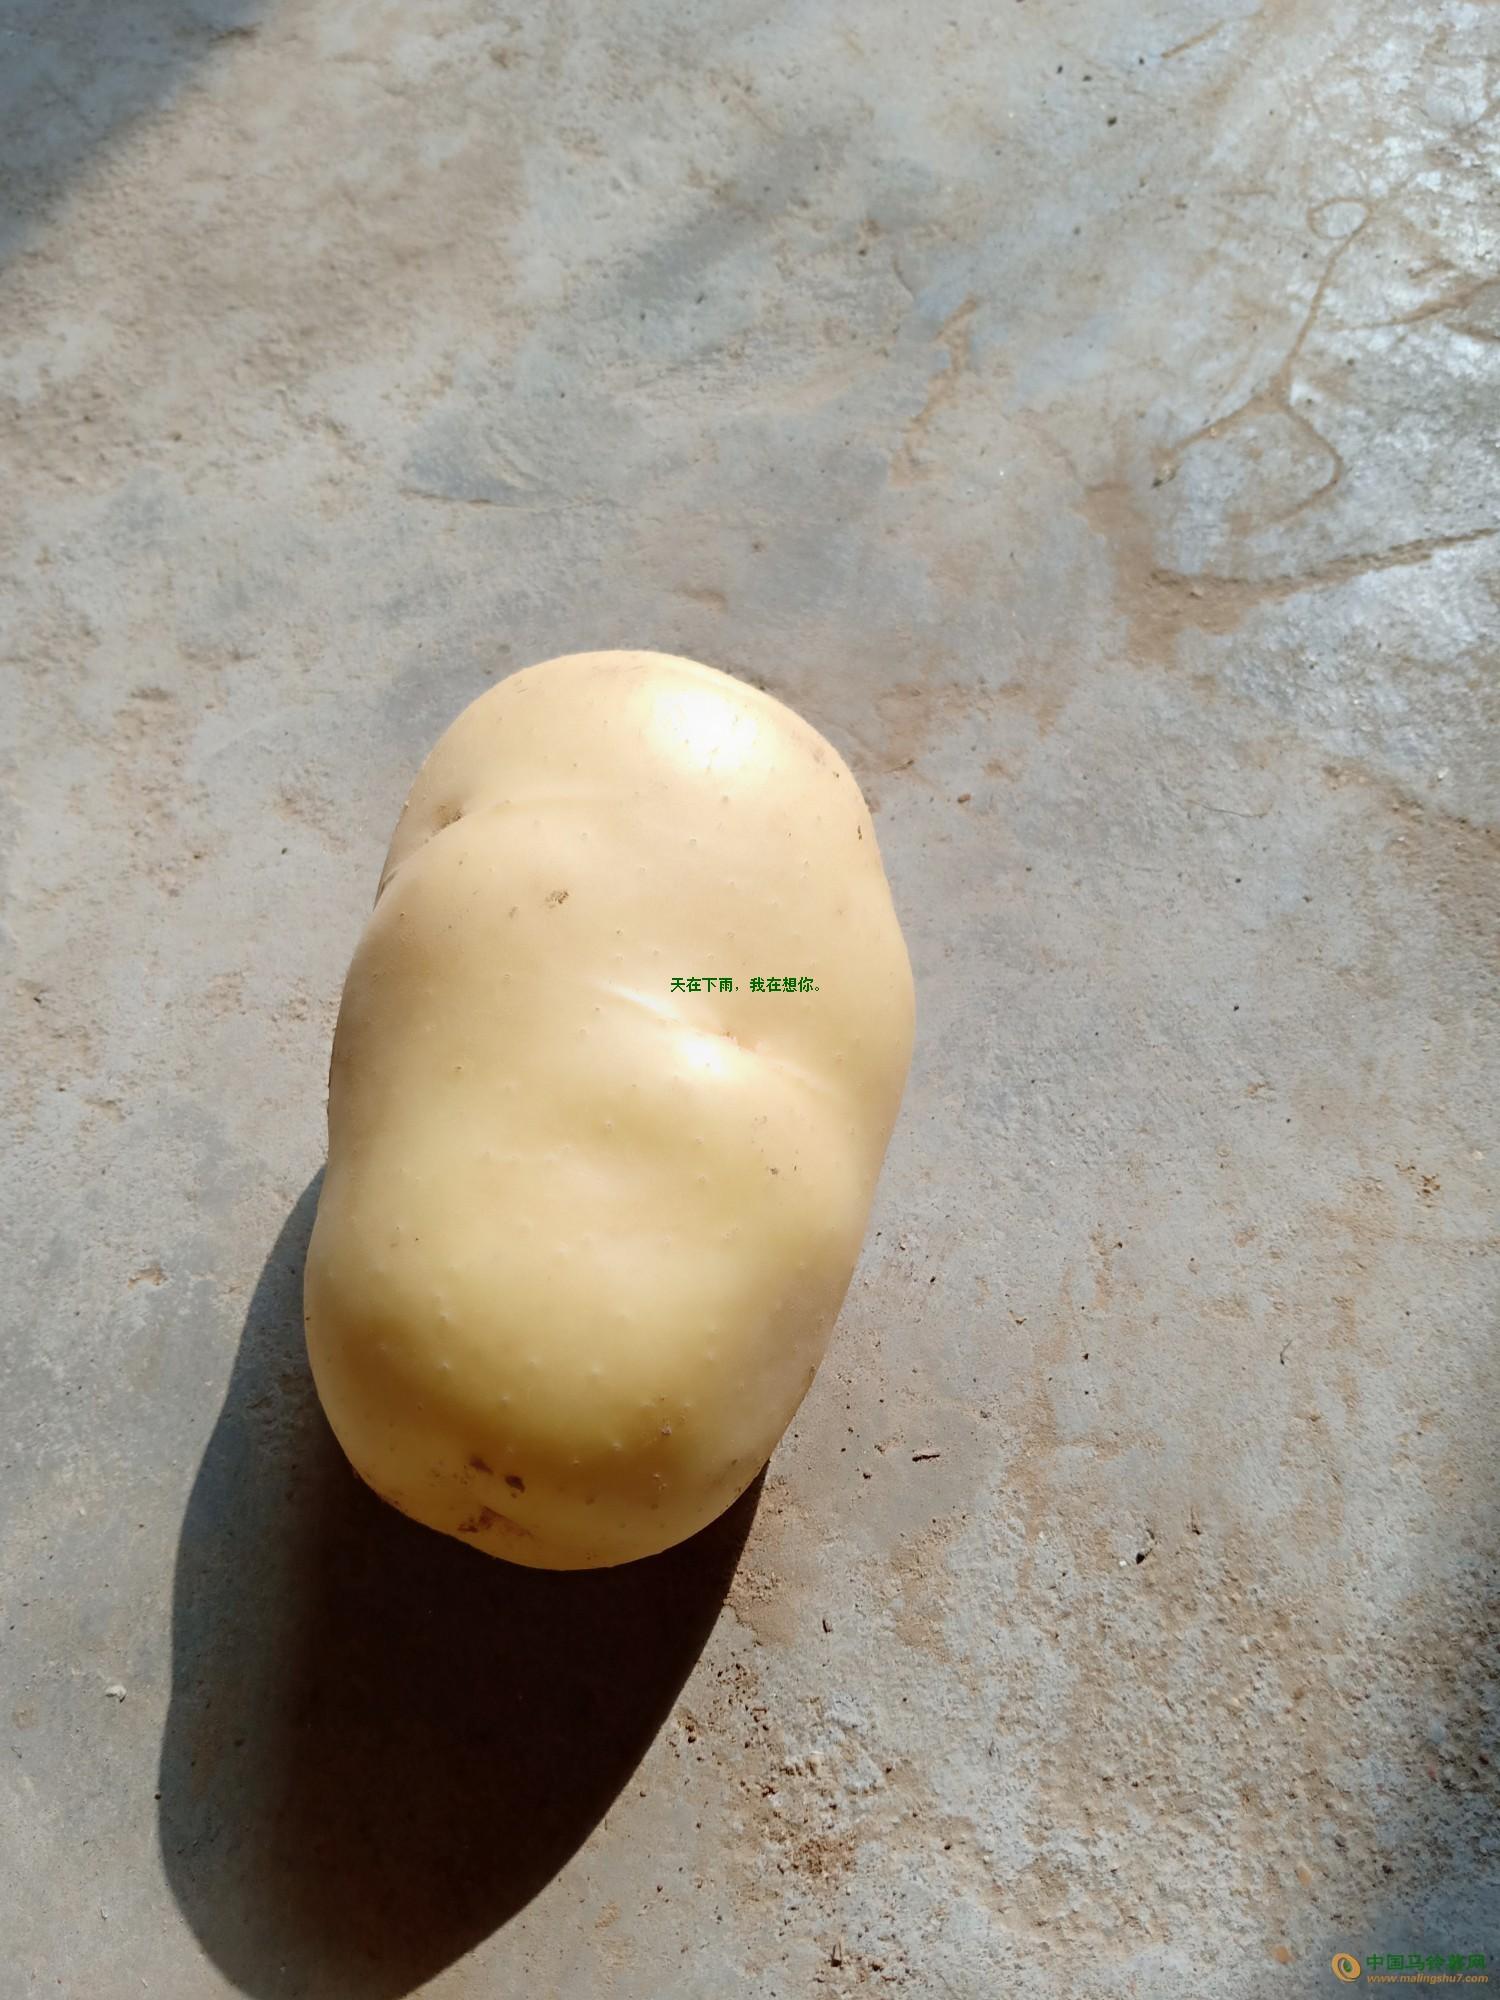 平膜黄心土豆 ()